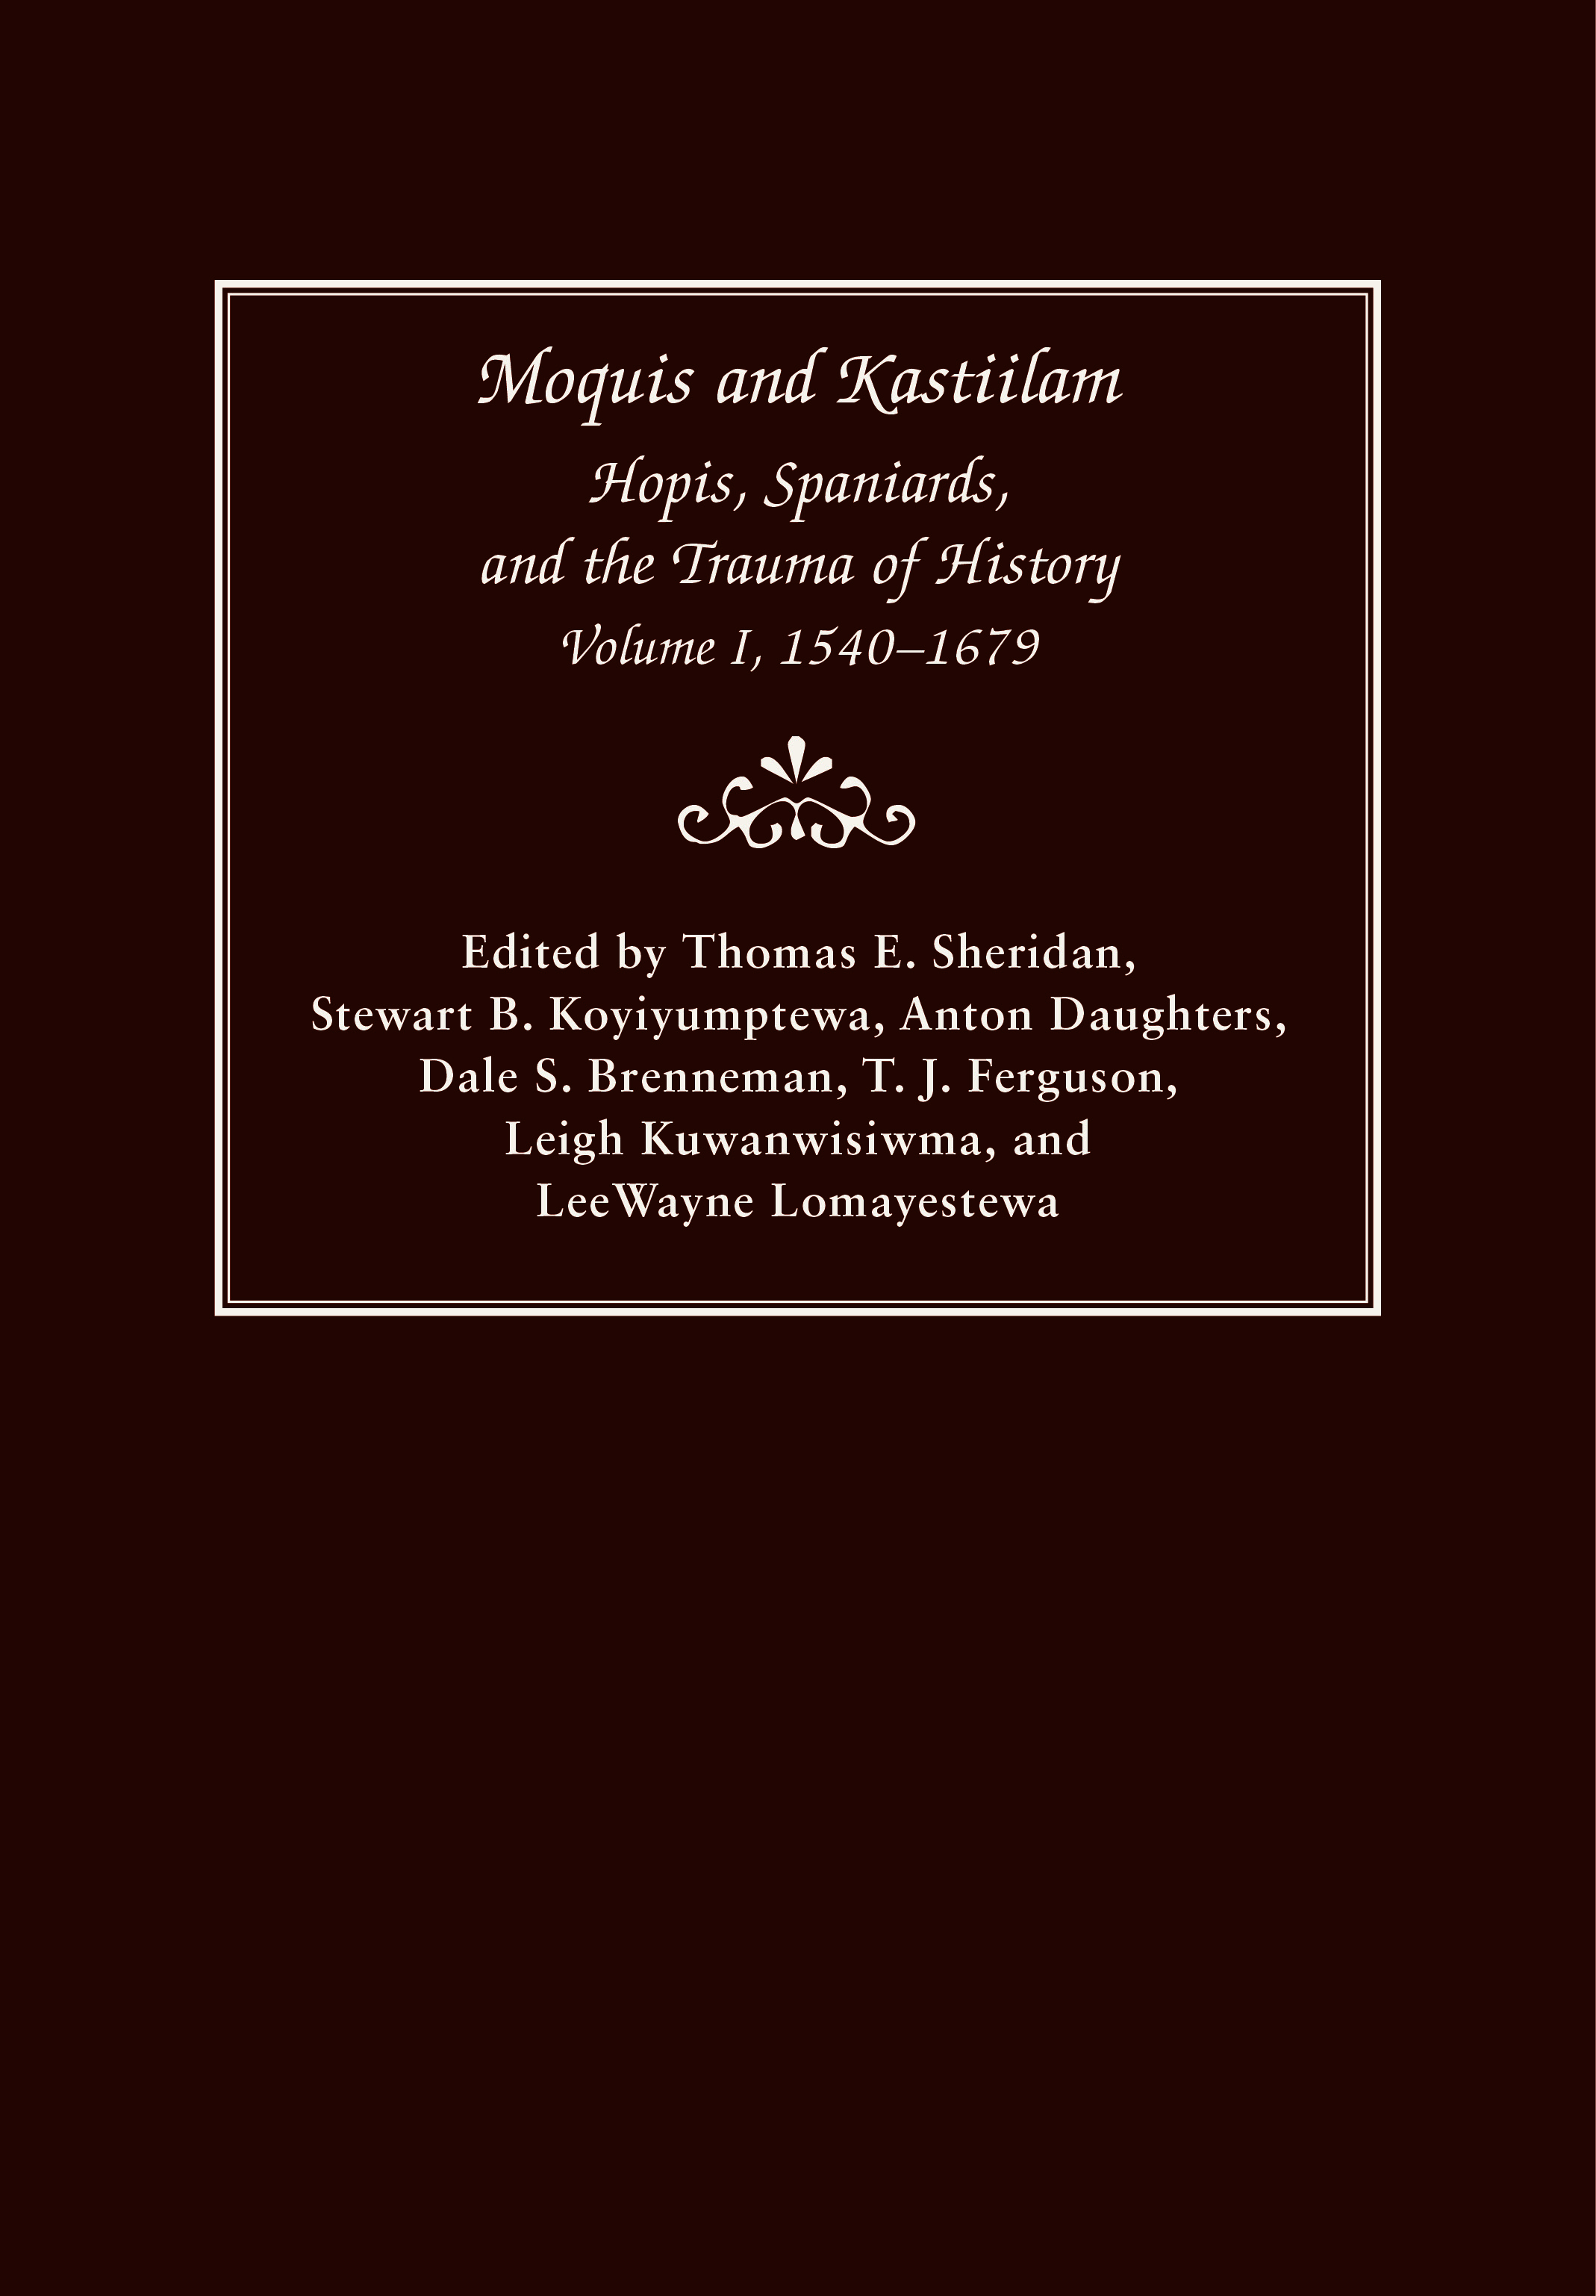 Hopi Book Cover